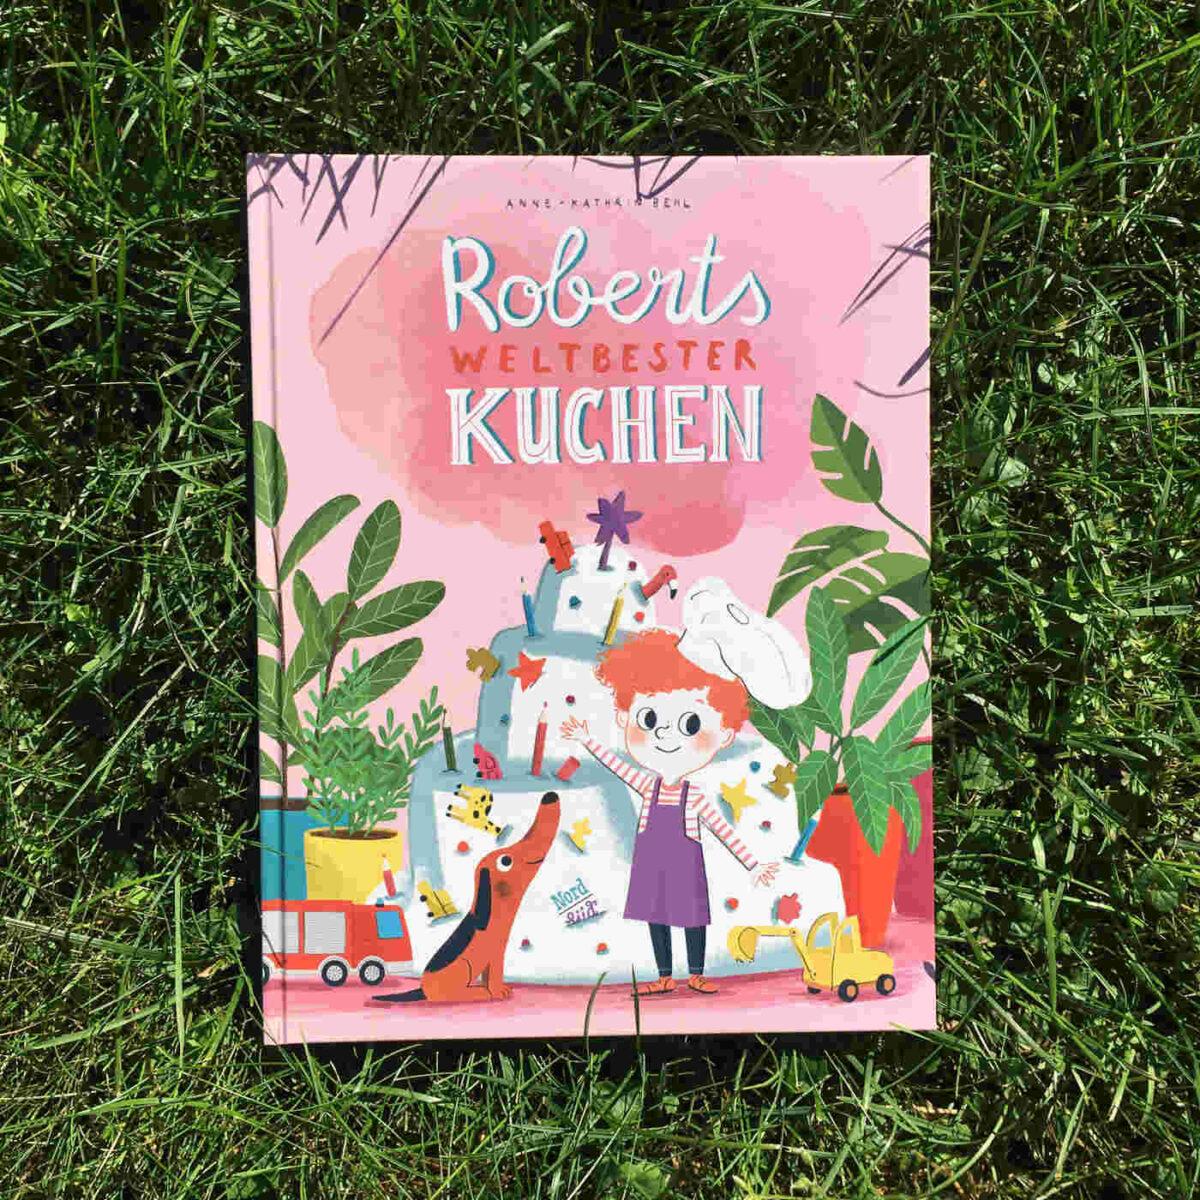 Anne-Kathrin Behl: Roberts weltbester Kuchen